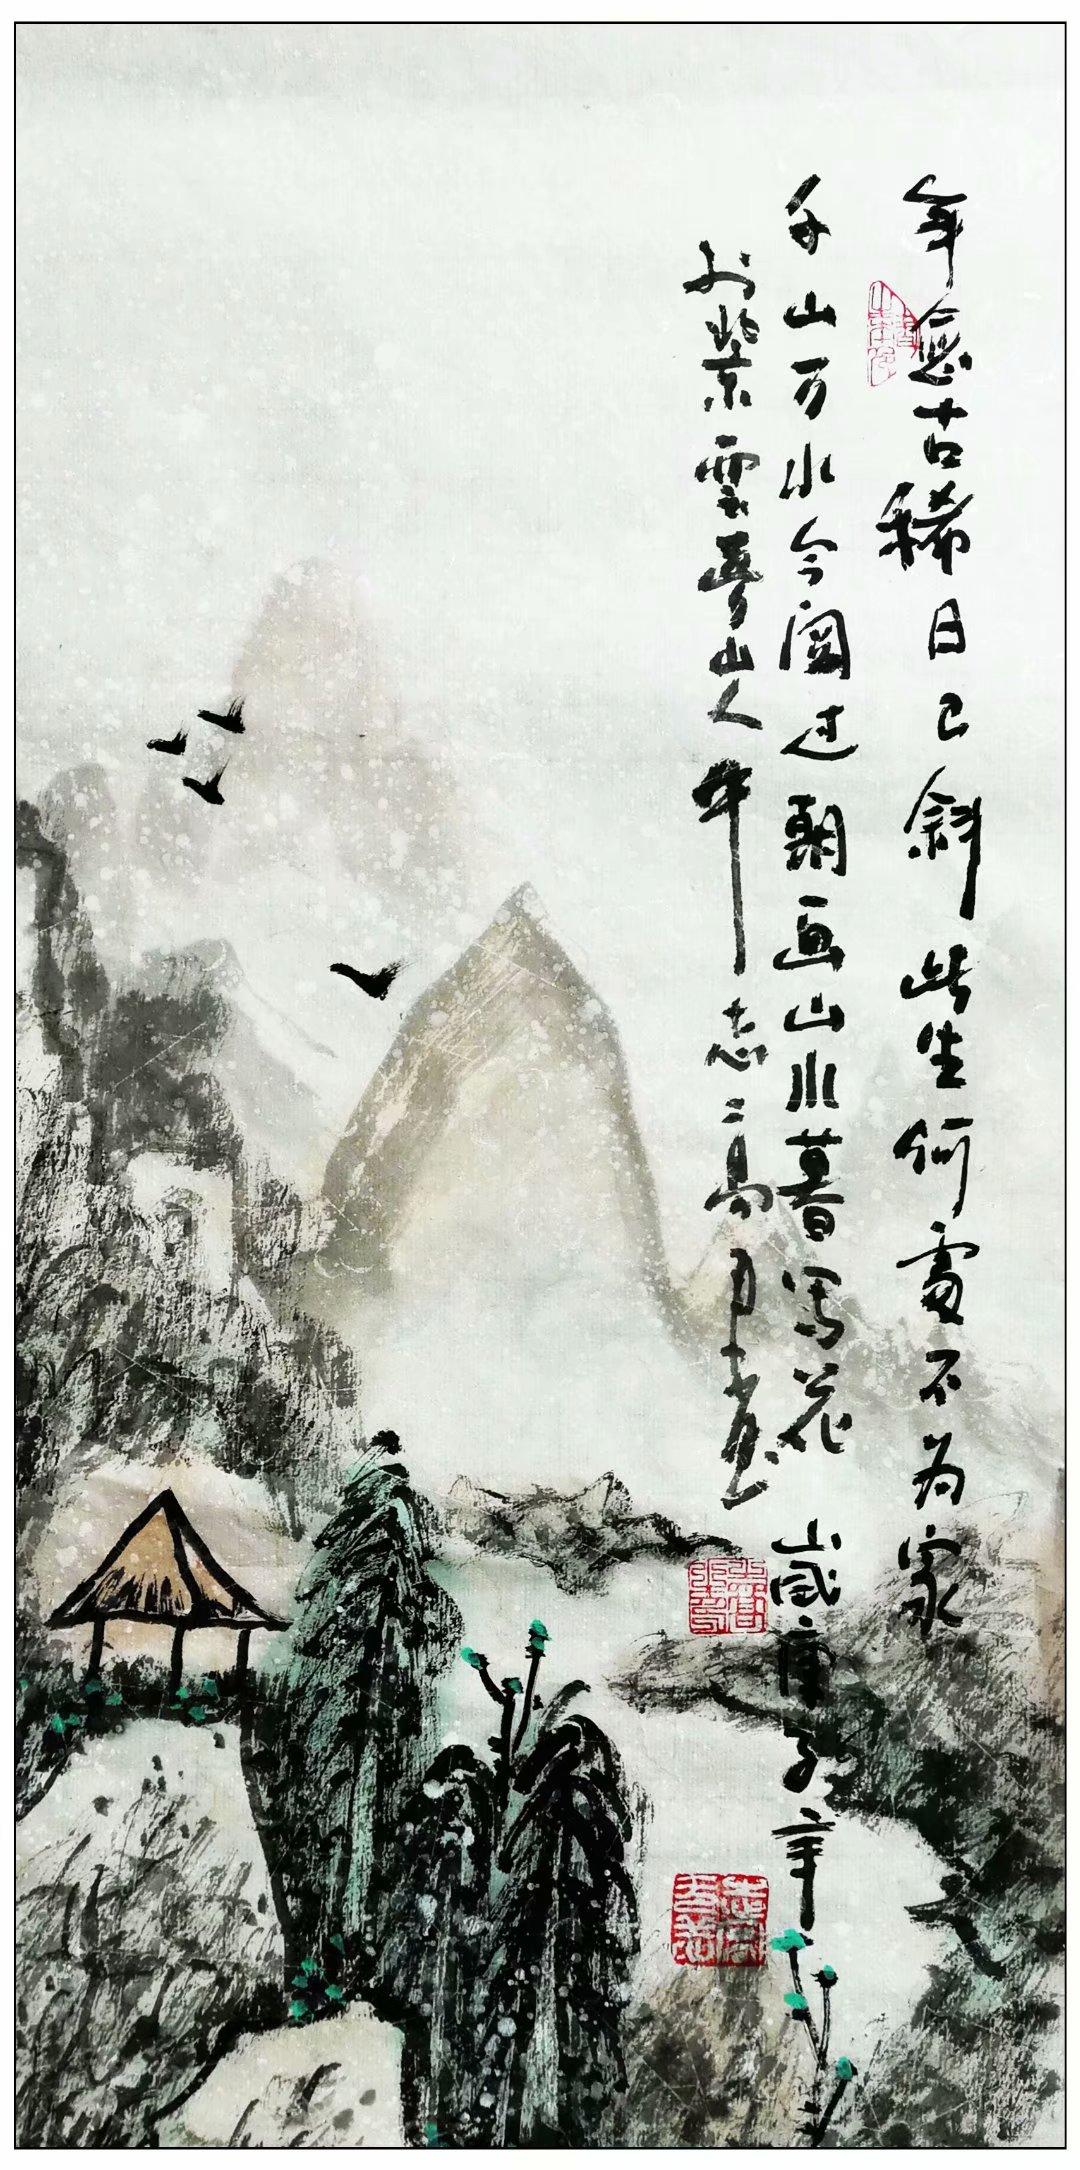 牛志高题画诗2020.06.08_图1-2